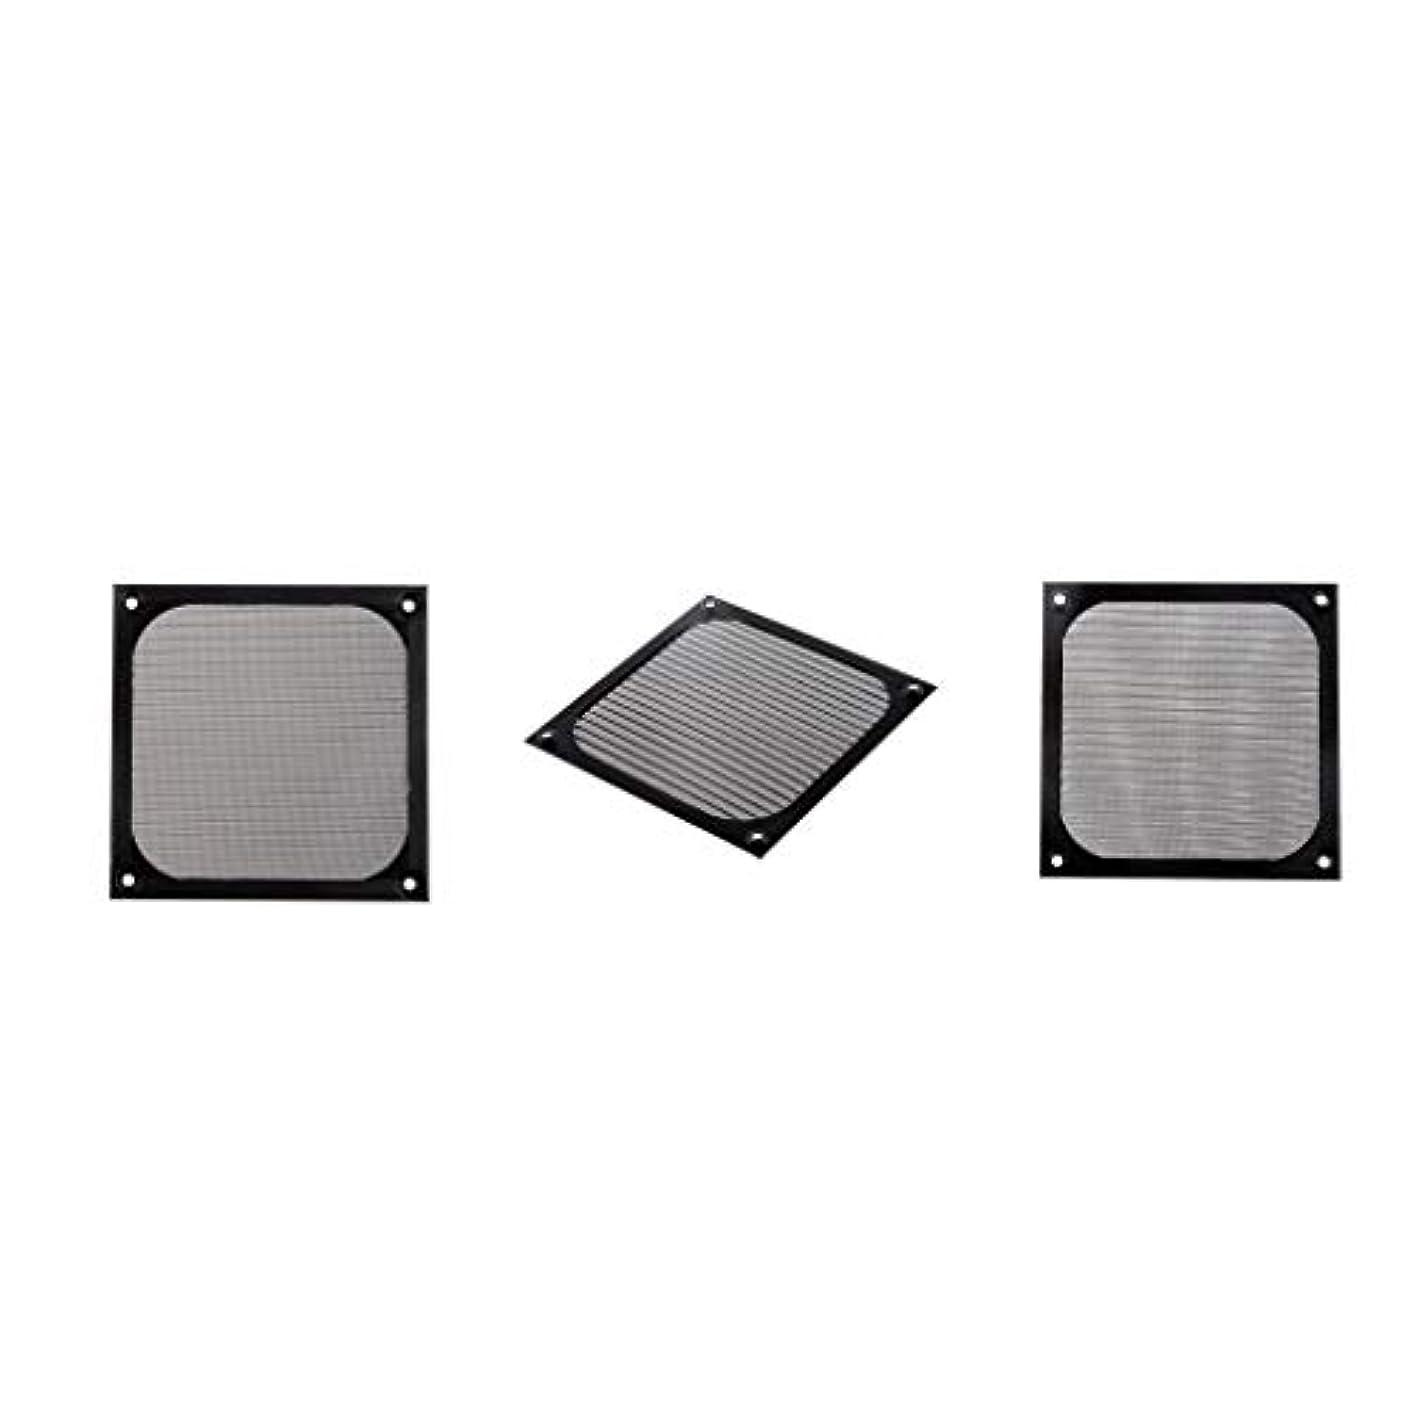 クリケット喜ぶモーターD DOLITY 3ピース/個 120mm 防塵フィルター ガードグリル プロテクター カバー PCコンピューター